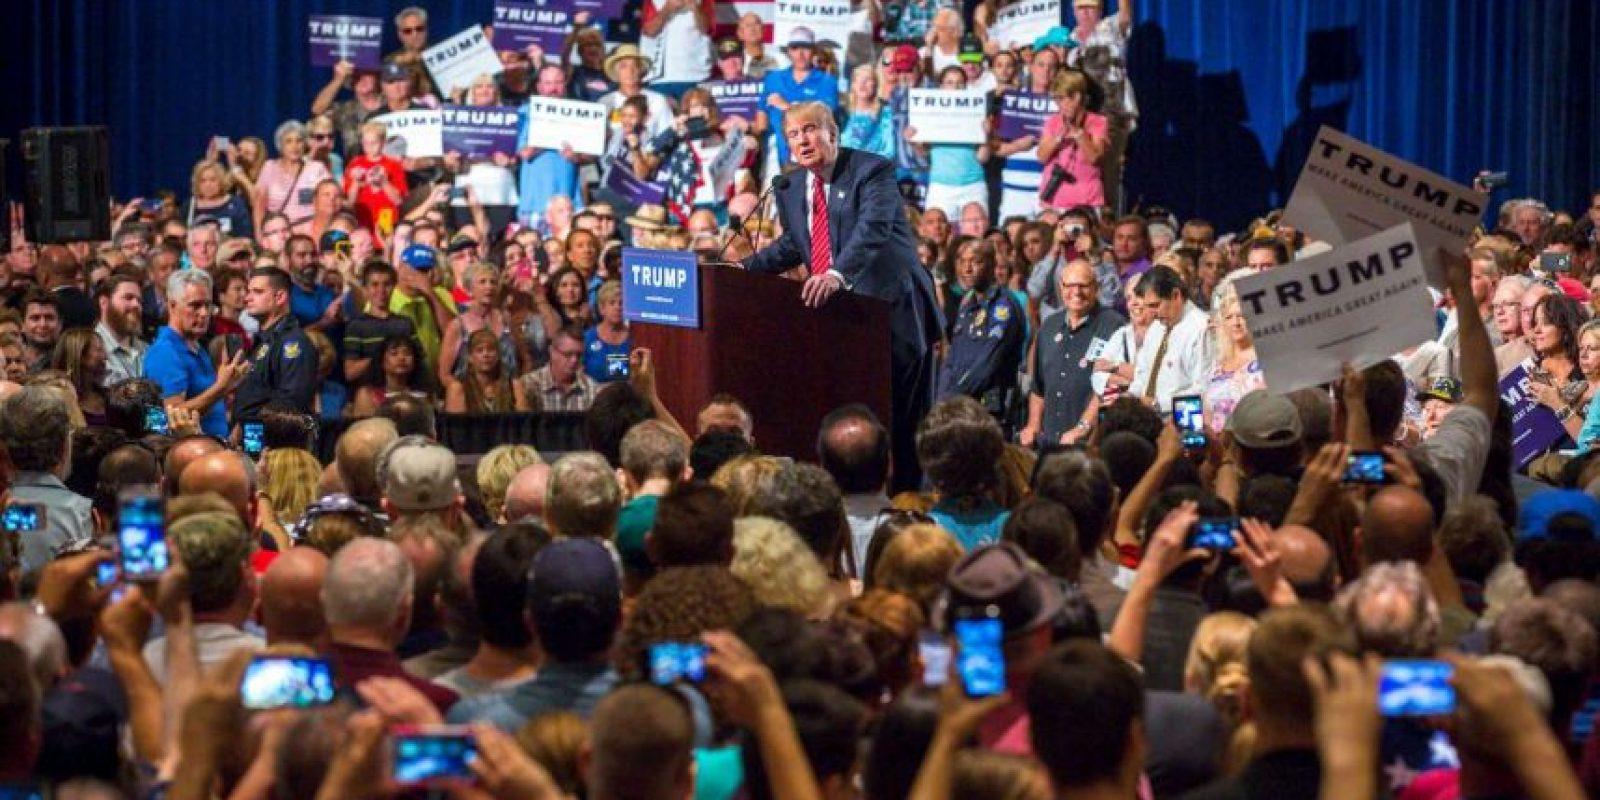 """La mayoría de los republicanos prefieren utilizar el término """"extranjeros ilegales"""", que en inglés es """"illegal aliens"""", una clasificación un tanto despectiva. Foto:Getty Images"""